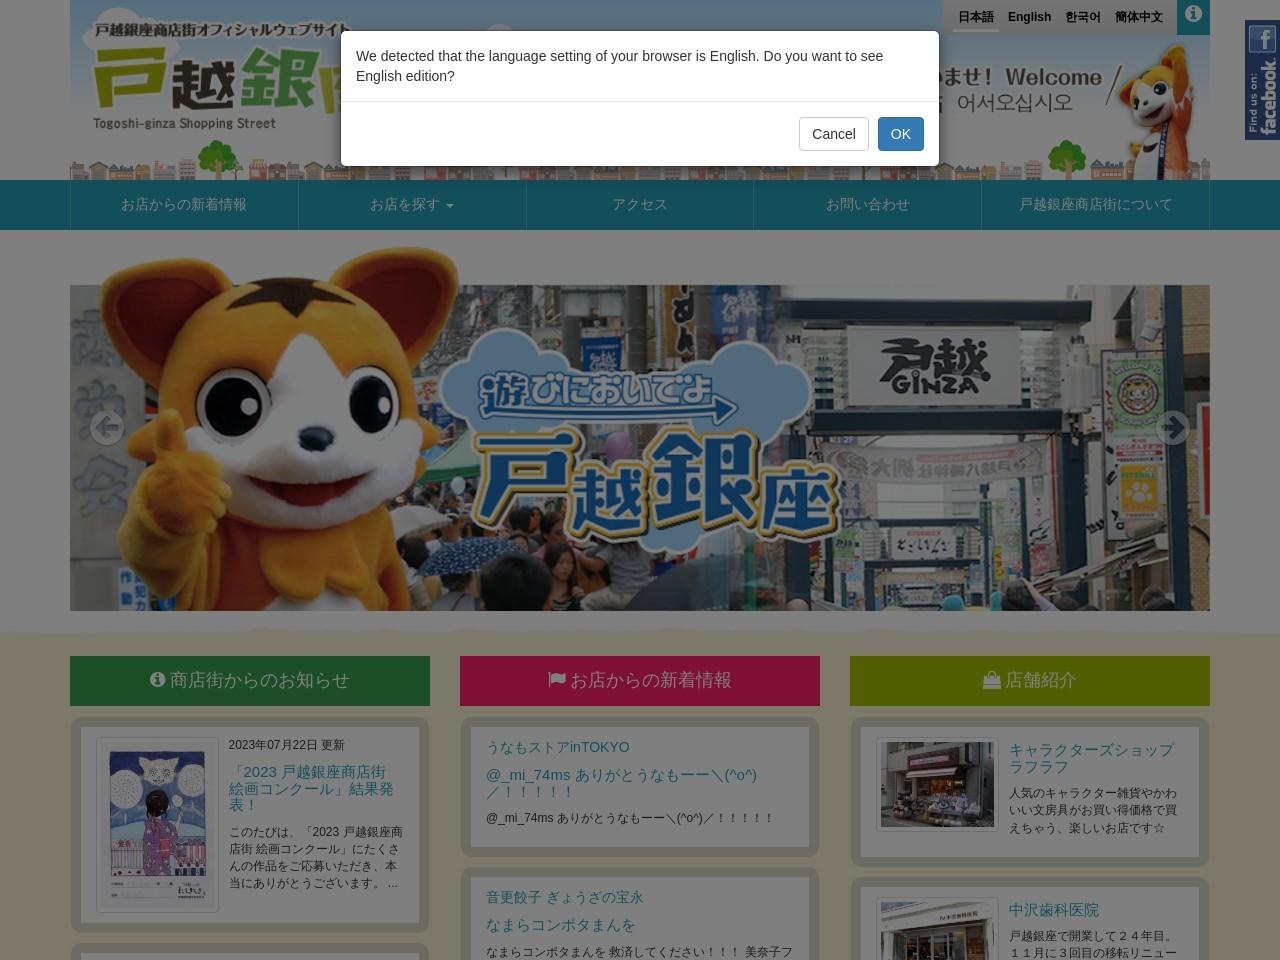 戸越銀座商店街ホームページ